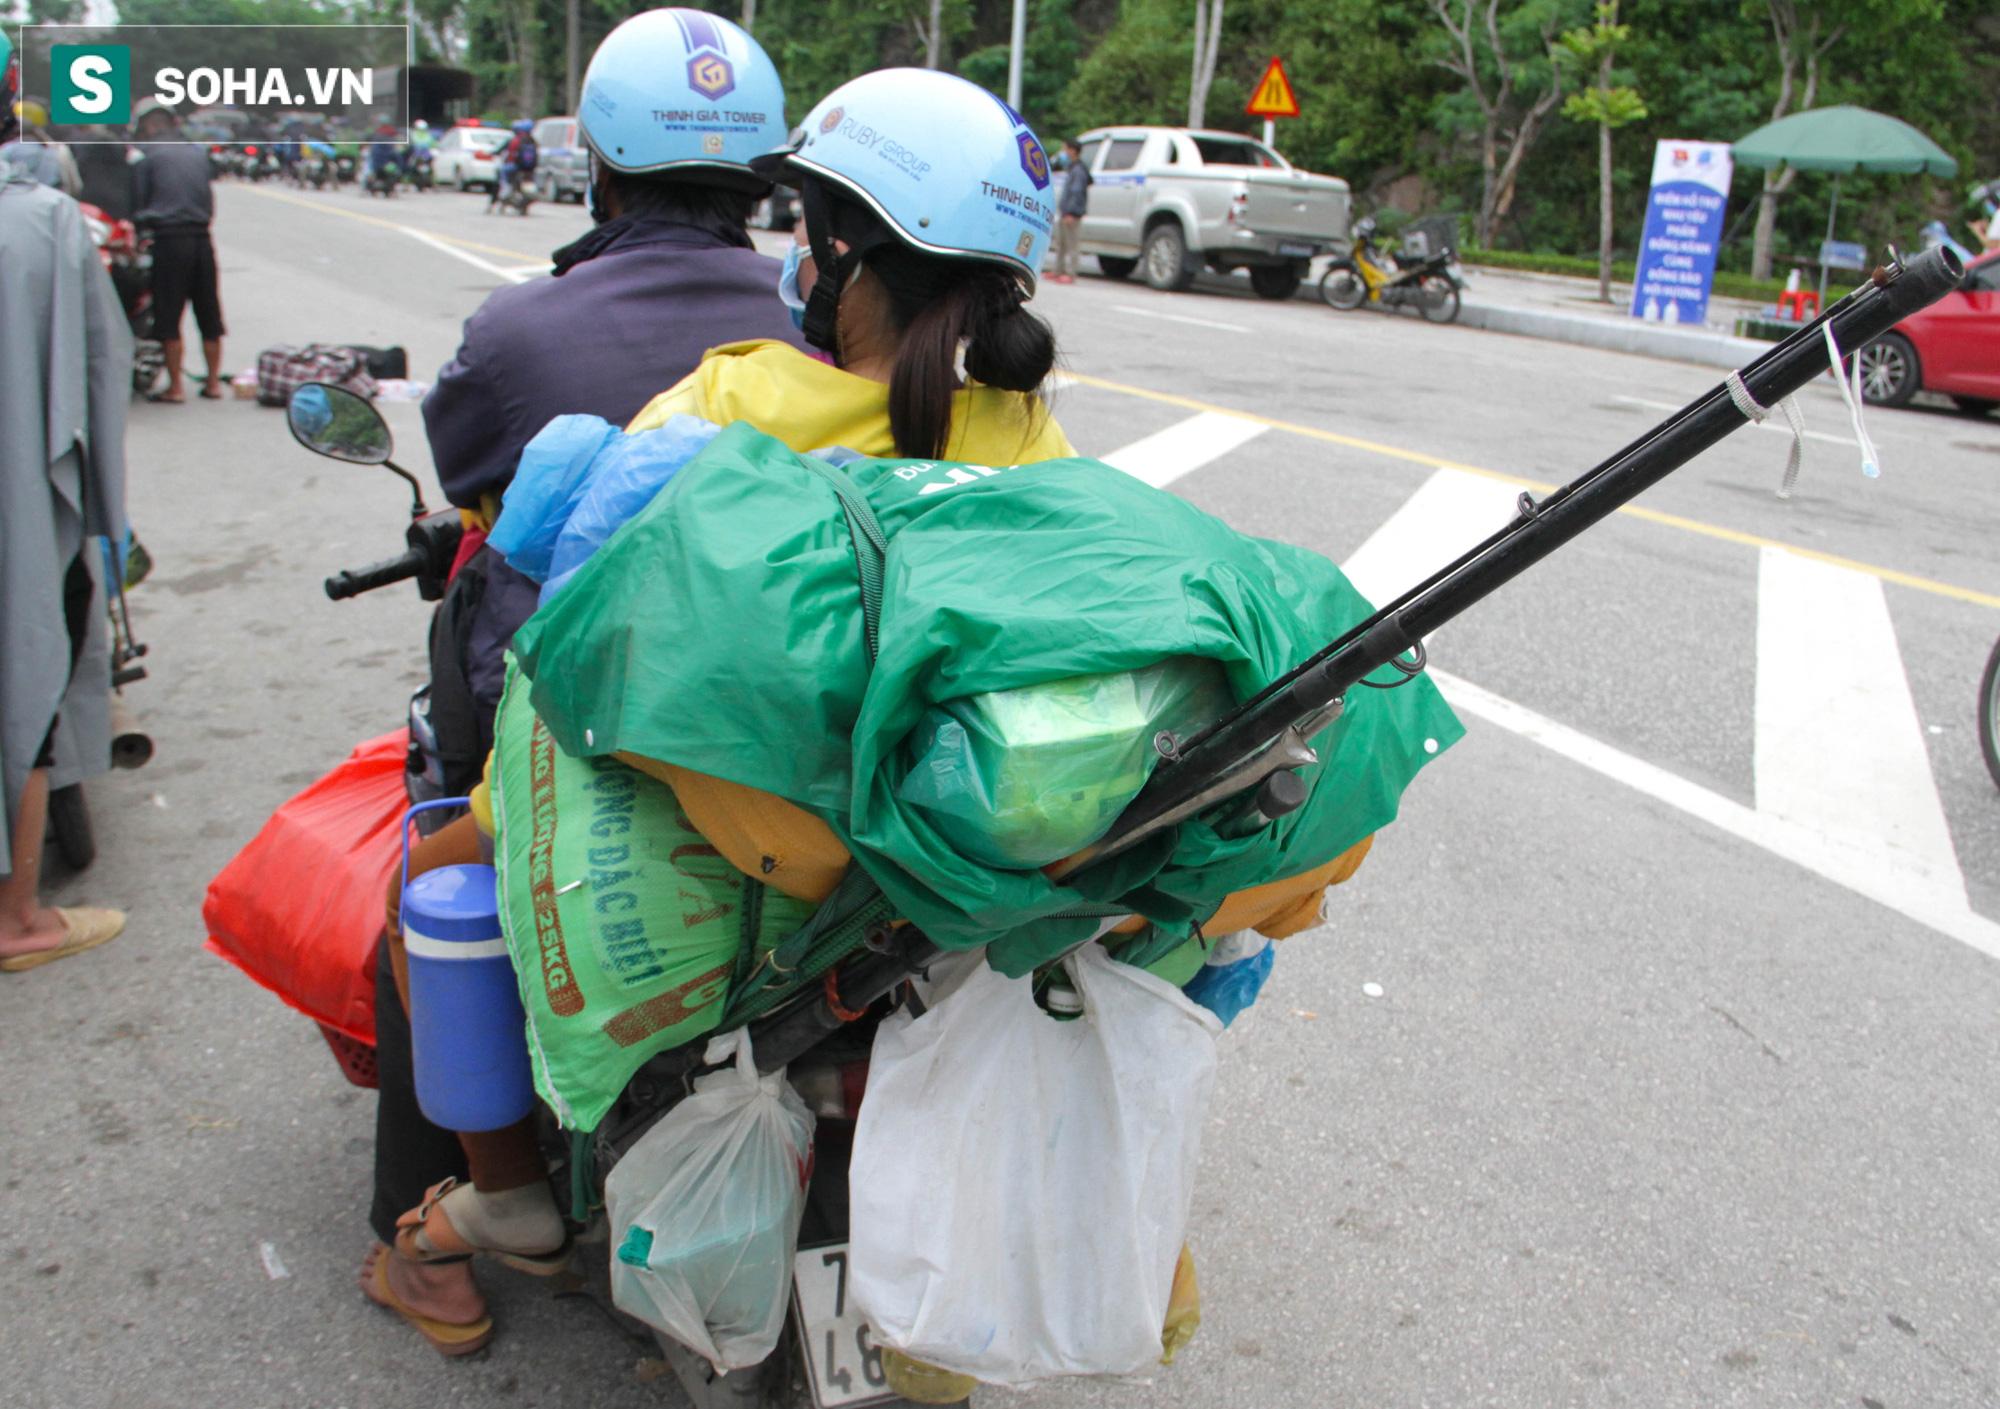 Từng phích nước, móc quần áo, bơm xe... đã cũ mèm được đùm theo hành trình 1.000km về quê: Giờ 1 nghìn đồng cũng quý - Ảnh 5.